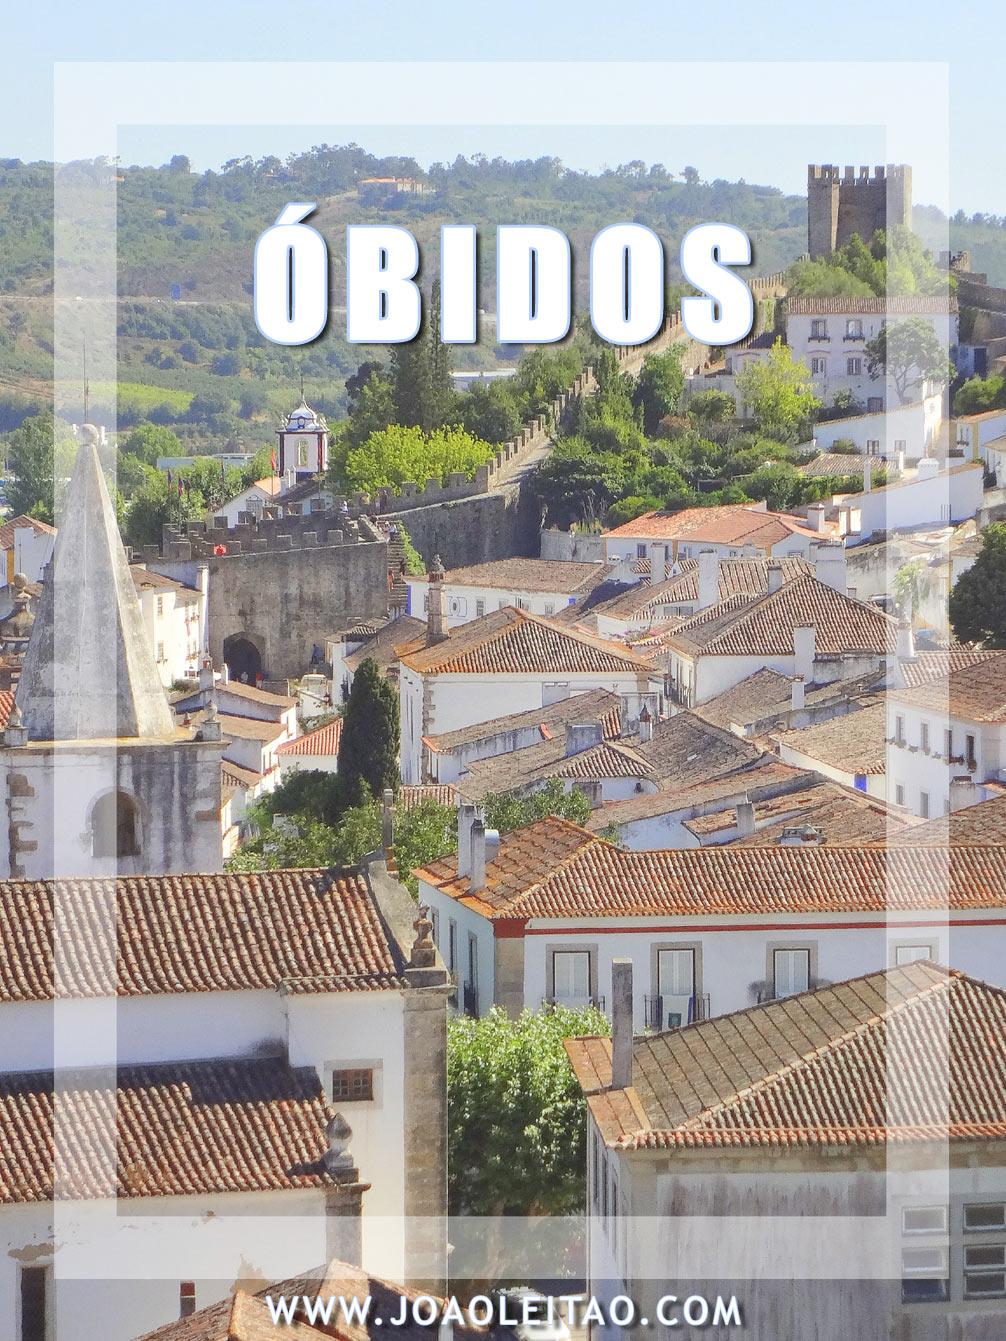 VISIT OBIDOS